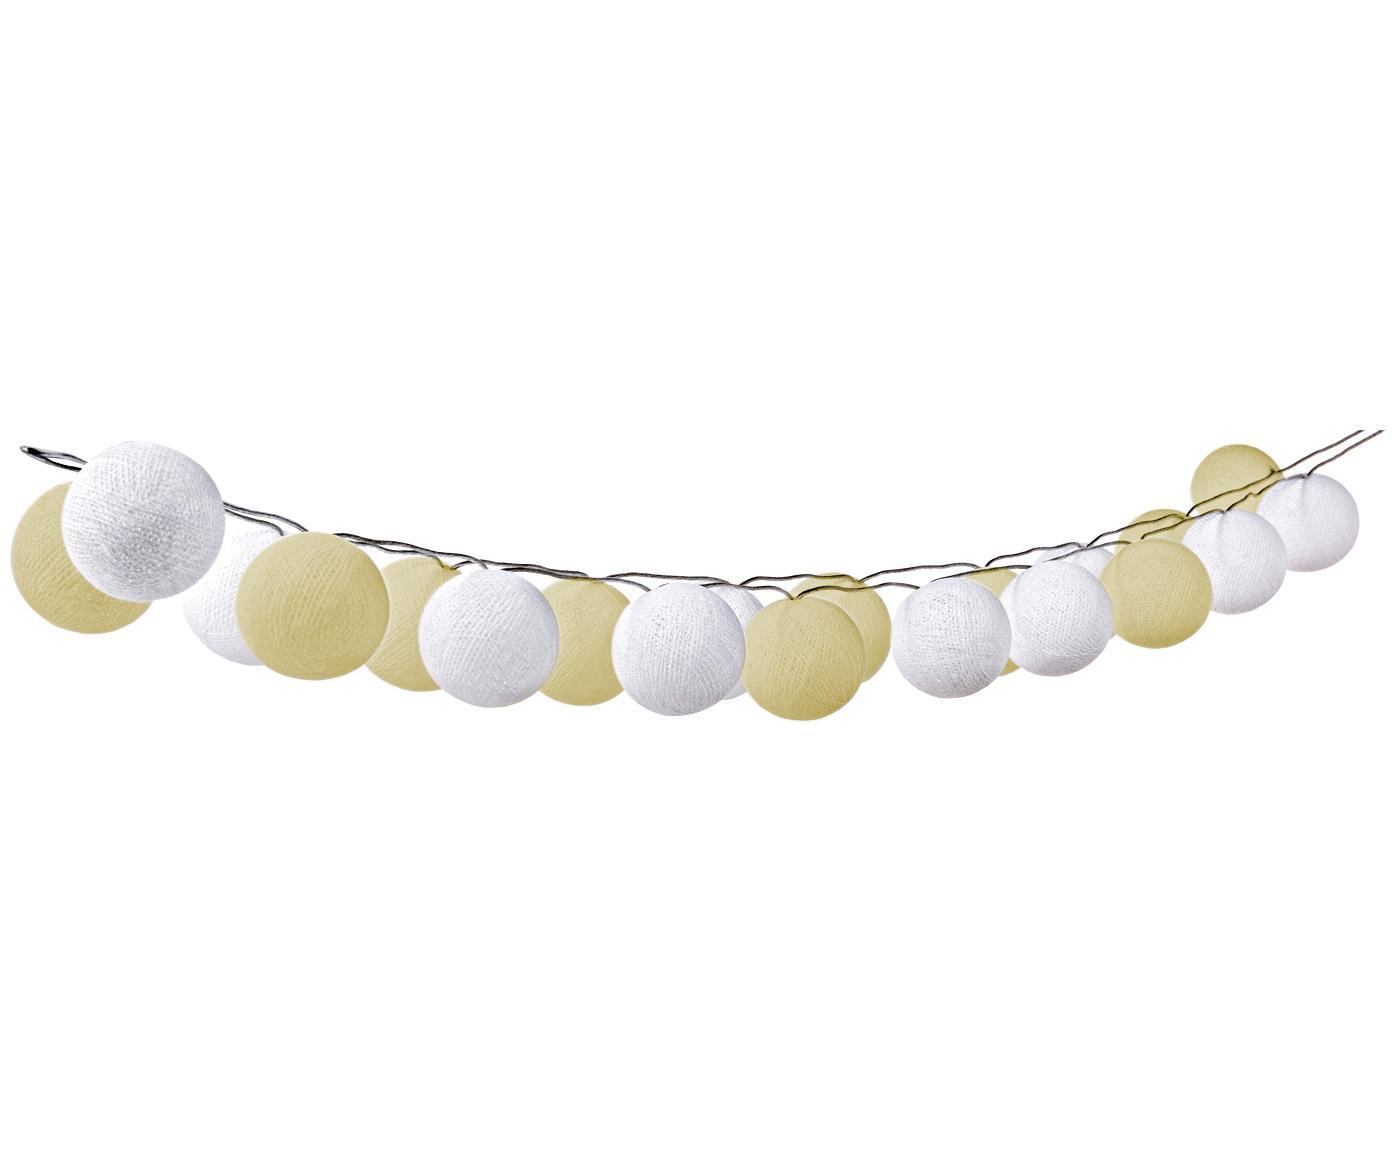 LED Lichterkette Bellin, 320 cm, Lampions: Baumwolle, Creme, Weiß, L 320 cm